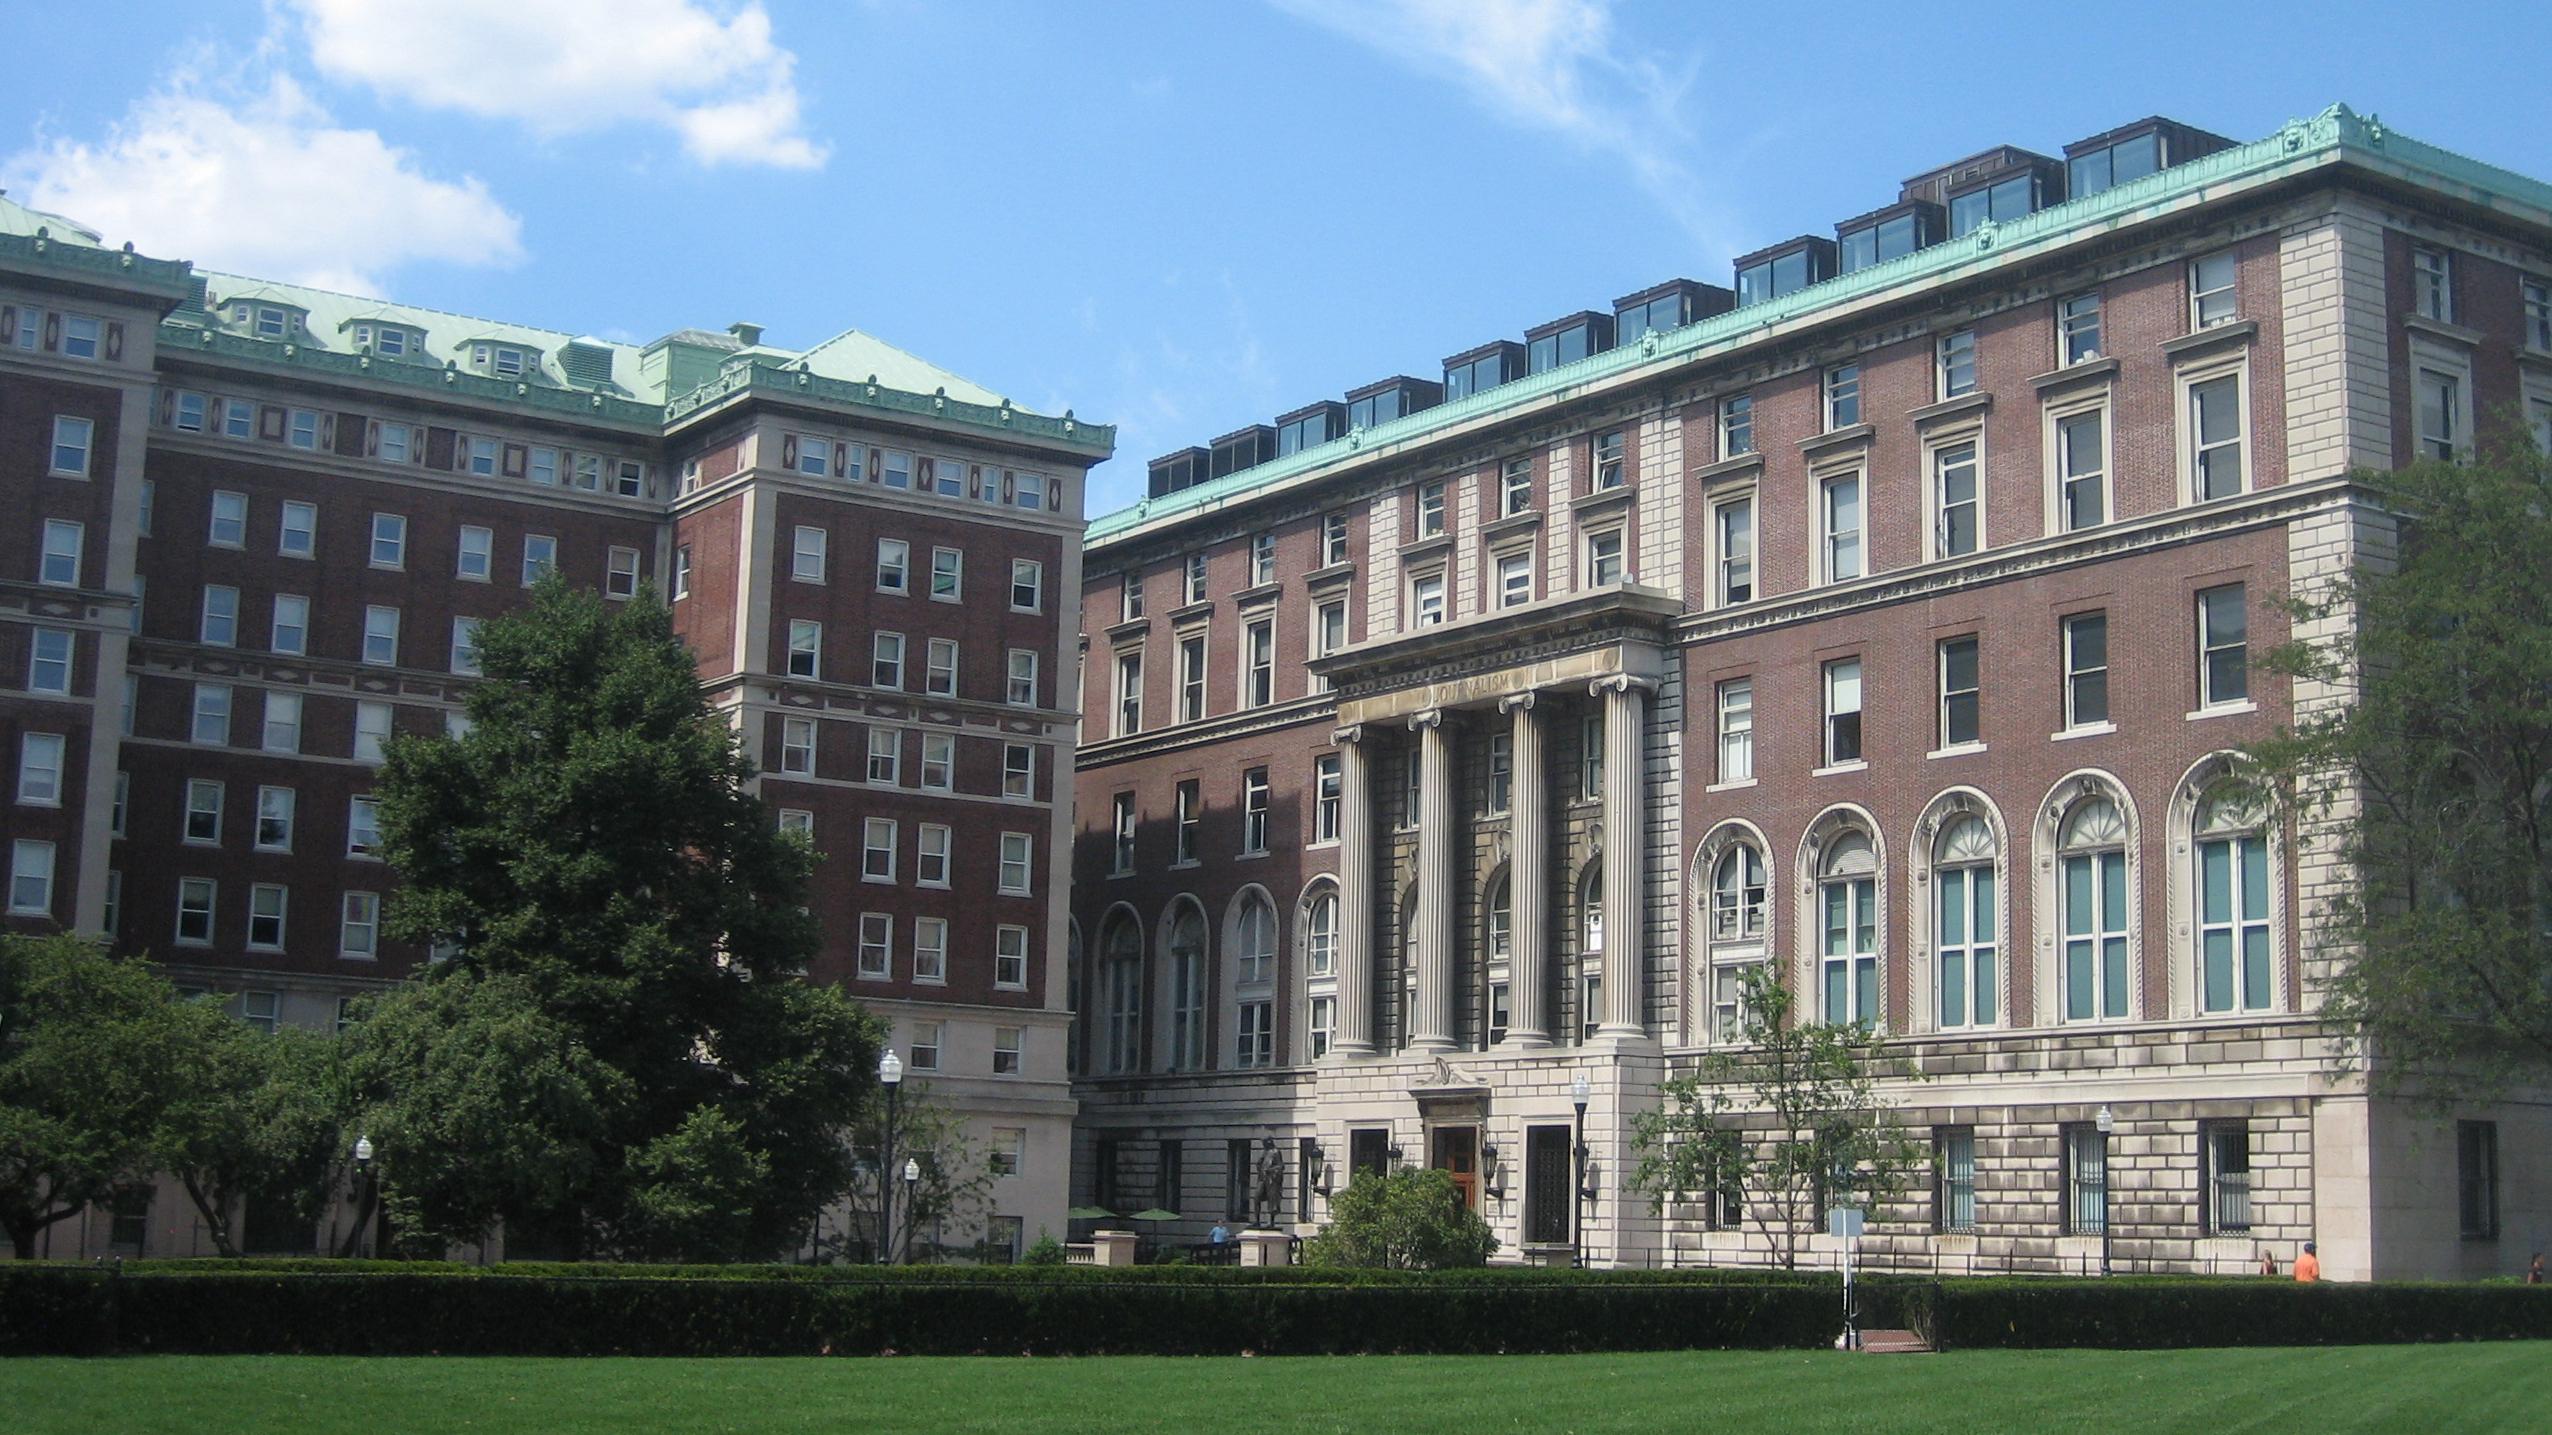 Columbia Graduate School of Journalism,